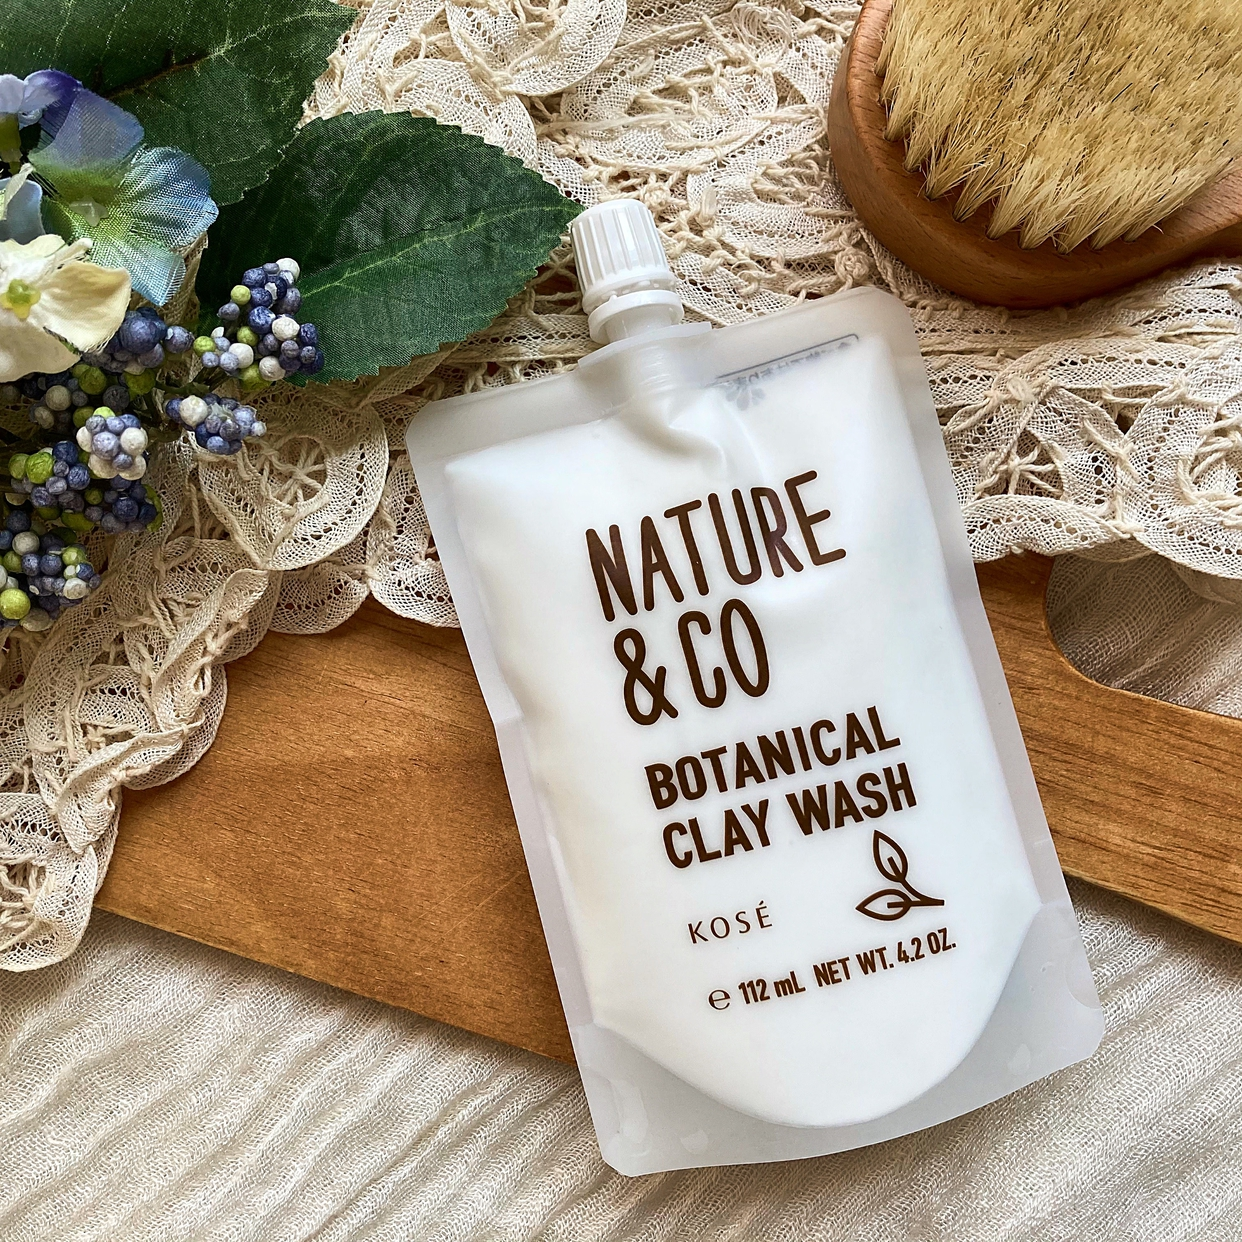 Nature&Co(ネイチャーアンドコー) ボタニカル クレイ ウォッシュを使った梅ちゃんさんのクチコミ画像1